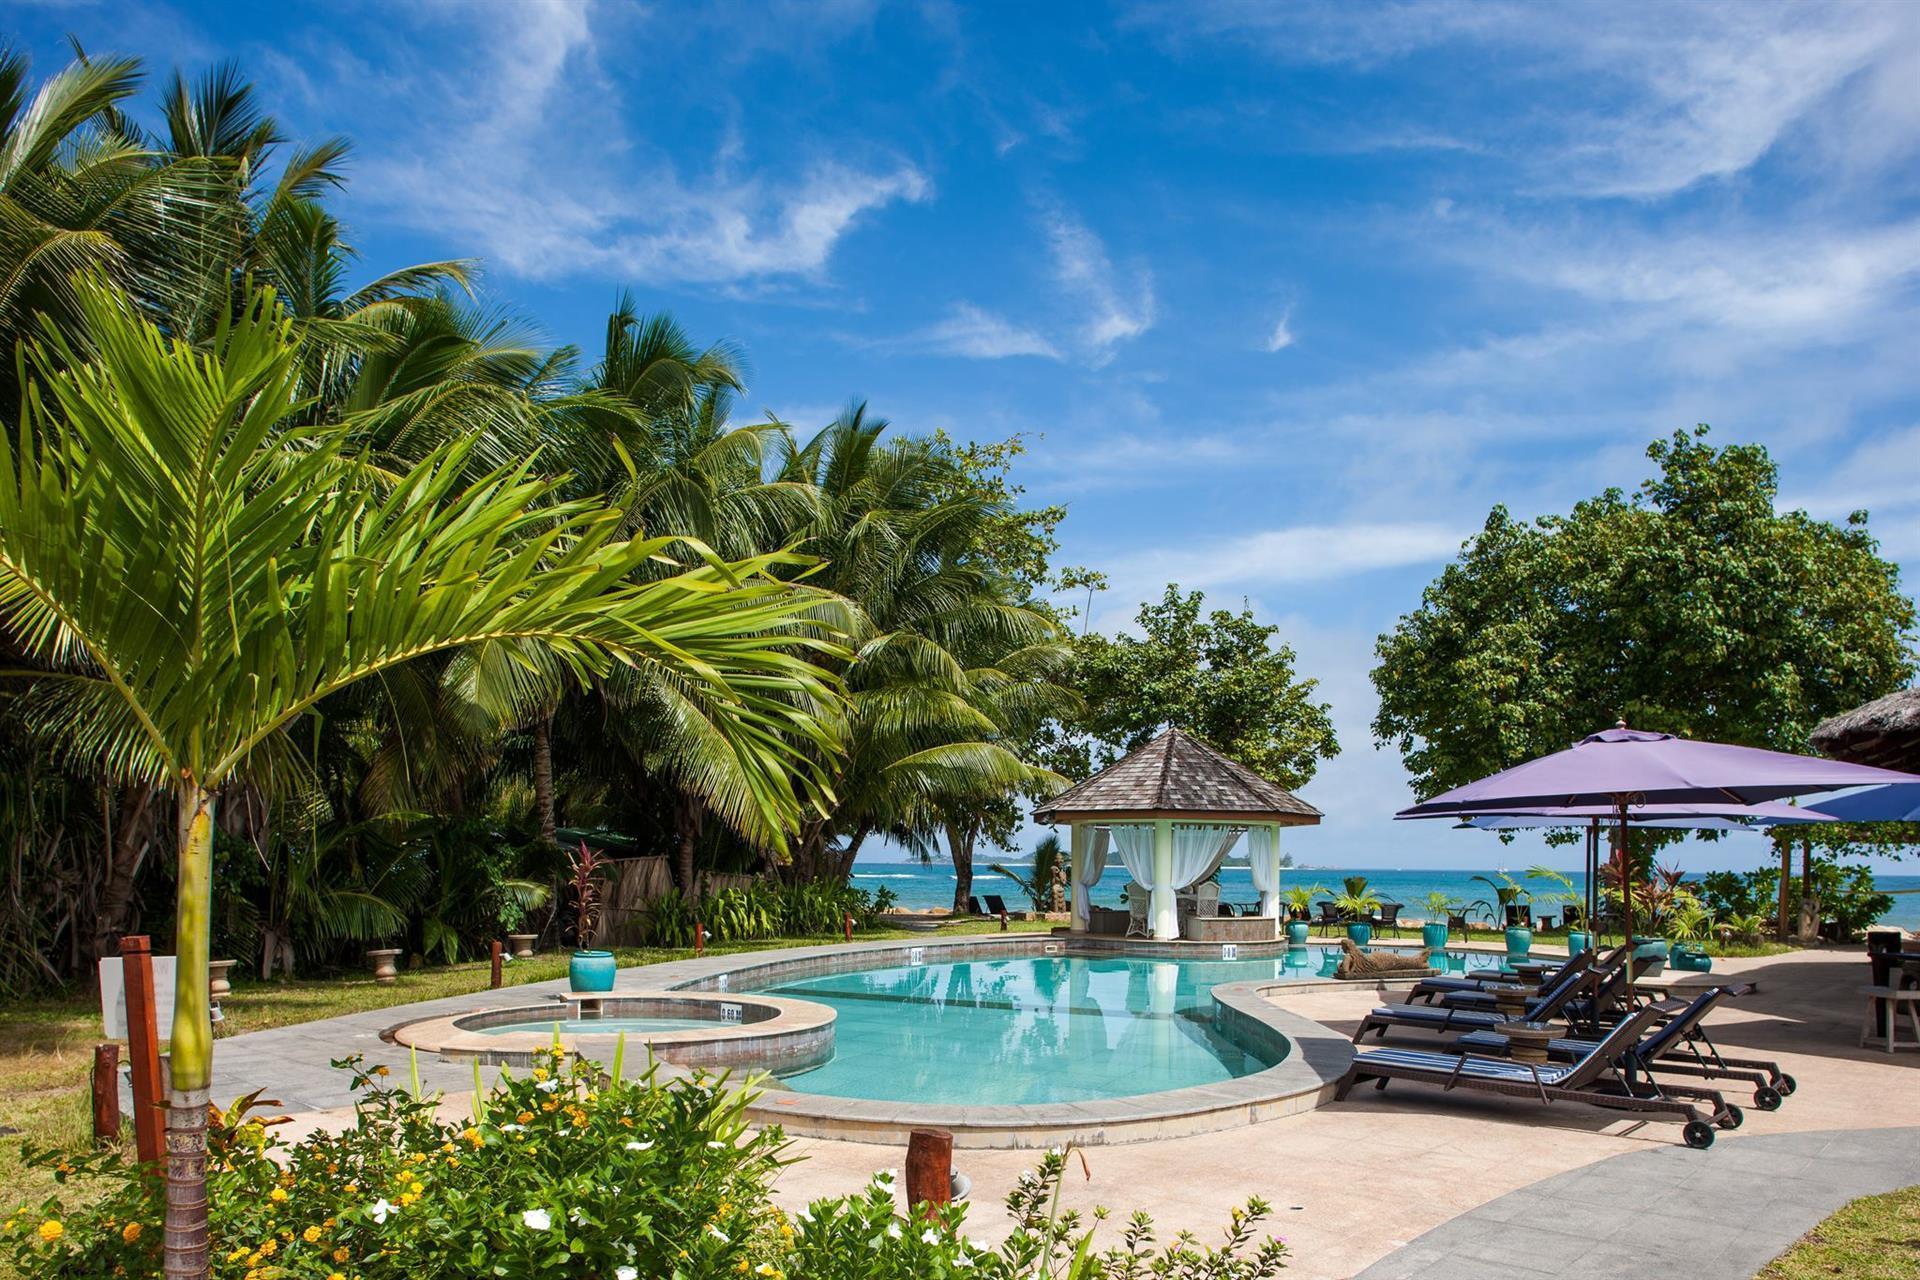 Отель Castello Beach, Праслен, Сейшельские Острова